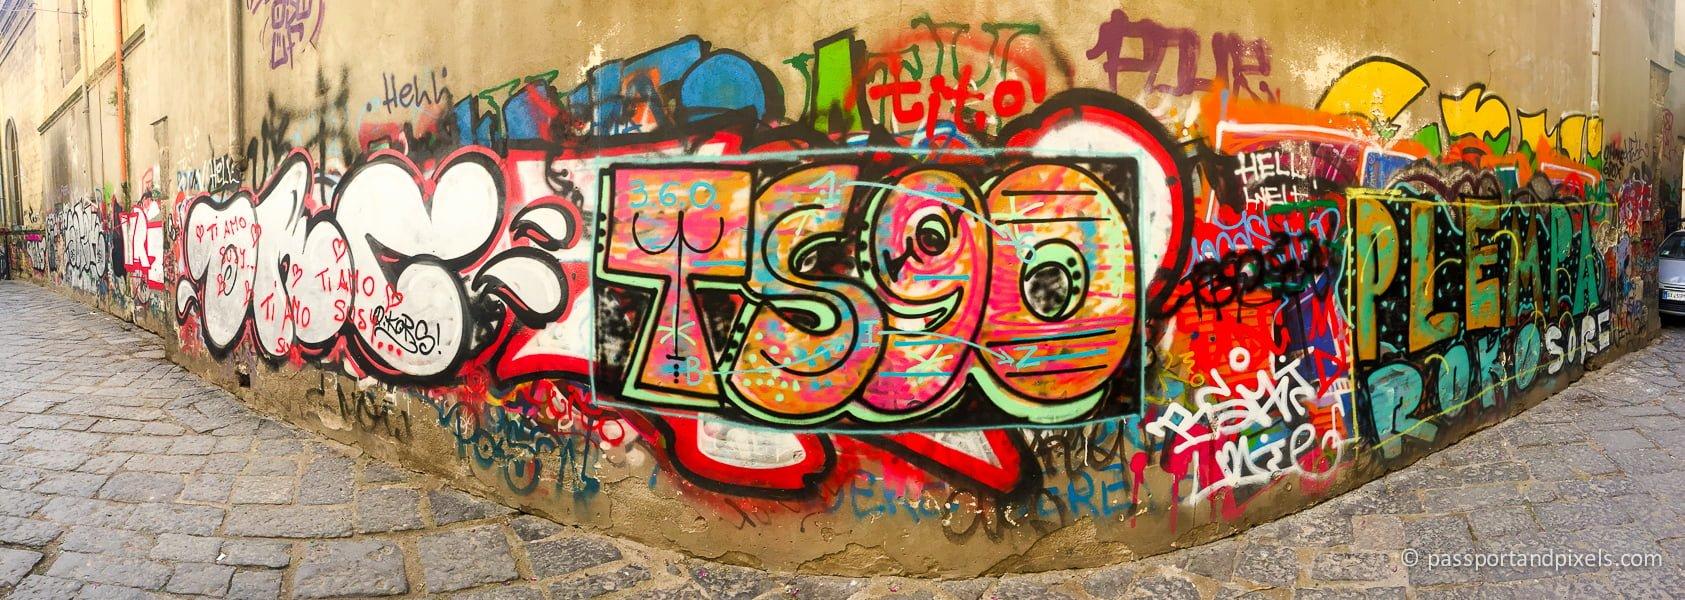 Graffiti, Naples